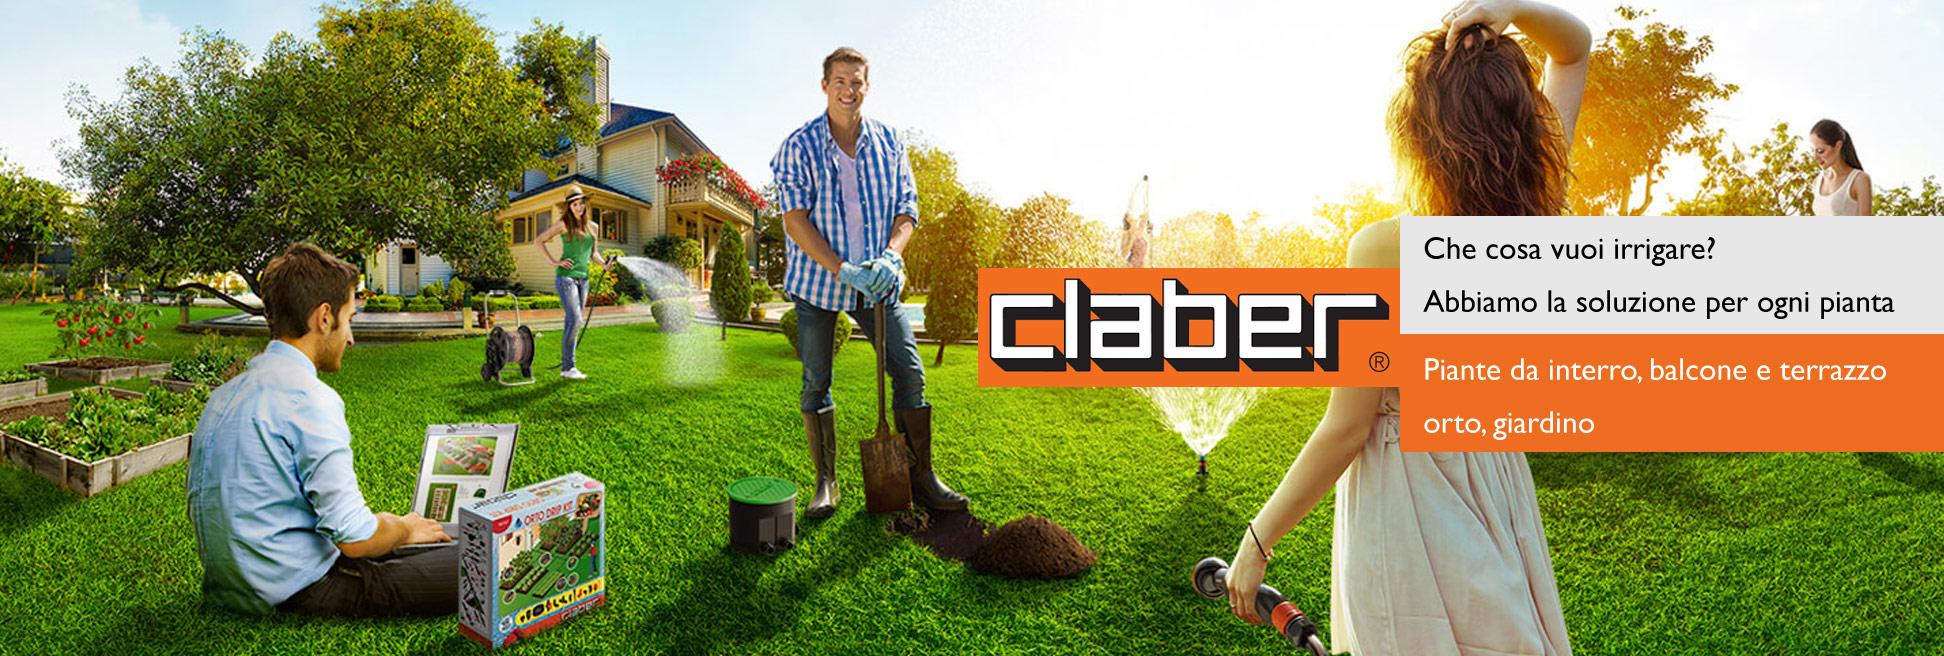 prodotti per irrigazione claber